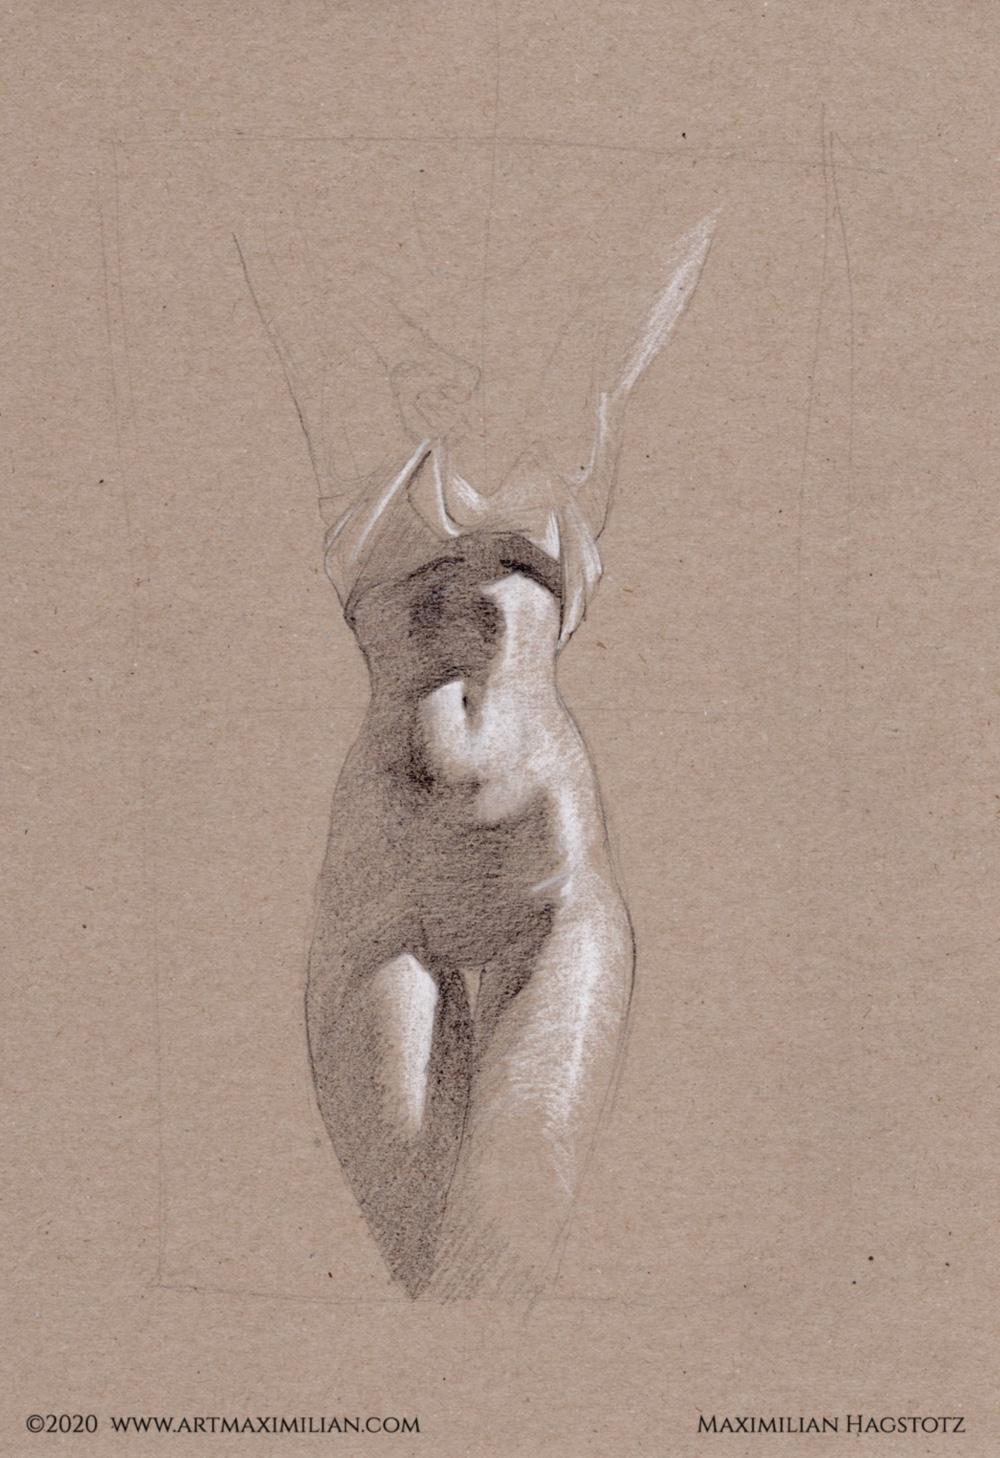 Akt sitzend wie fühlst du dich Maximilian Hagstotz Neu Grafik Zeichnung Licht Schatten sexy sinnlich lange haare Studie